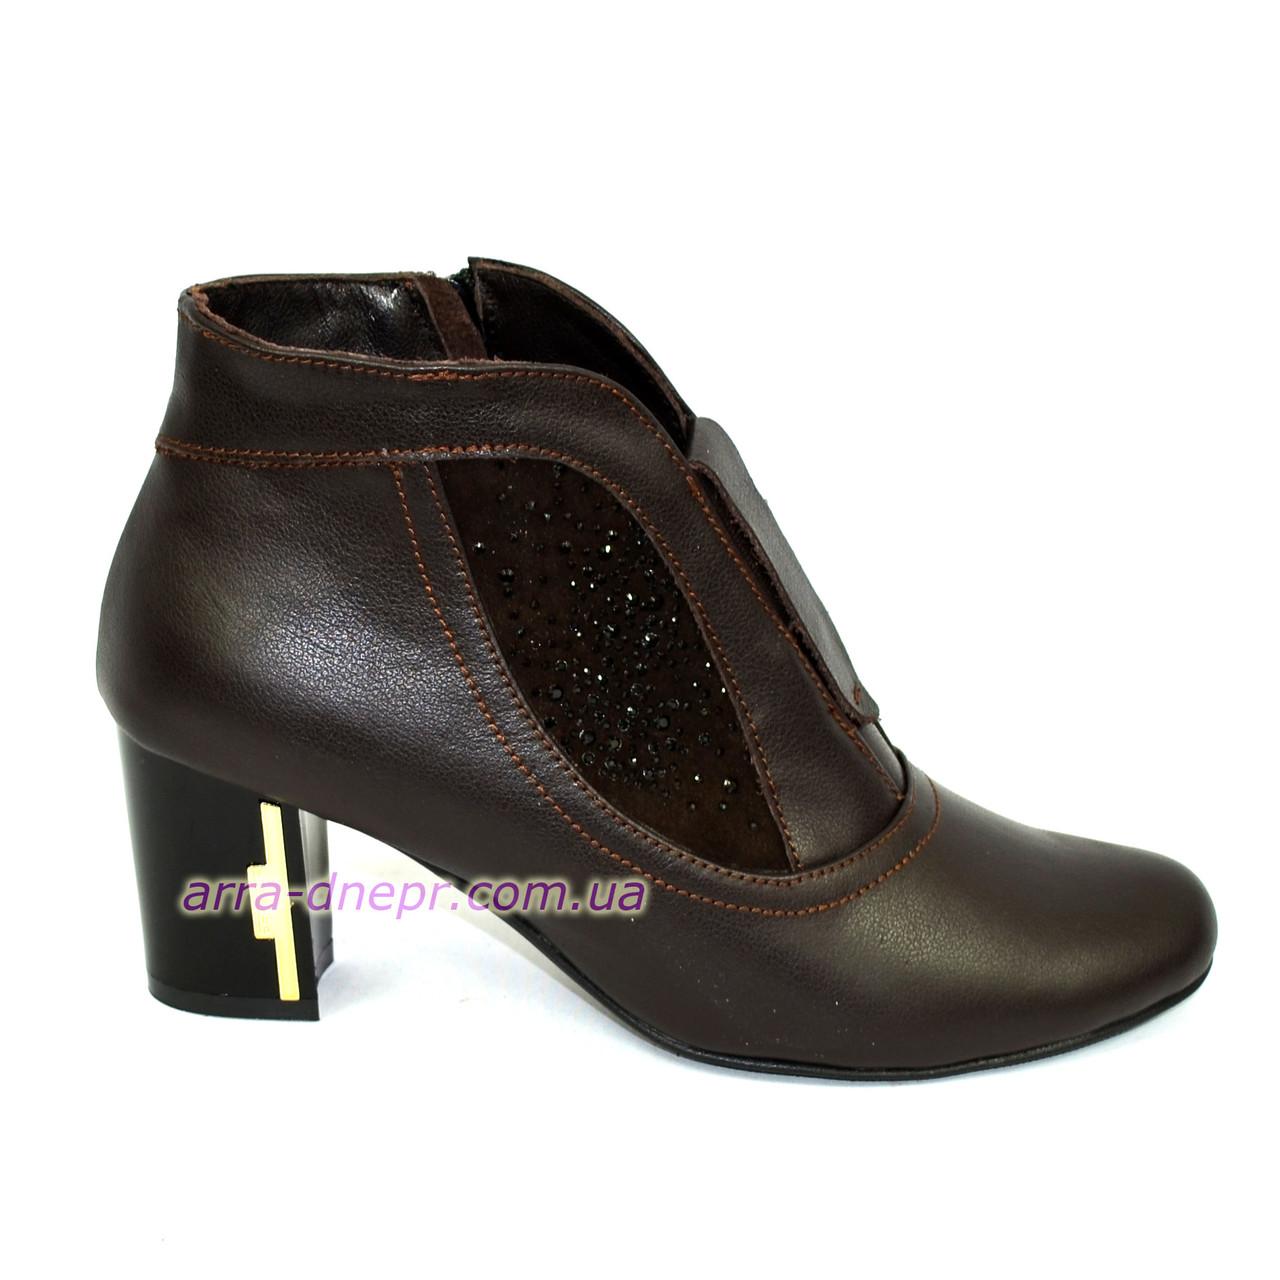 4e2f27a4a Стильные женские демисезонные ботинки из натуральной кожи коричневого  цвета, декорированы накаткой камней